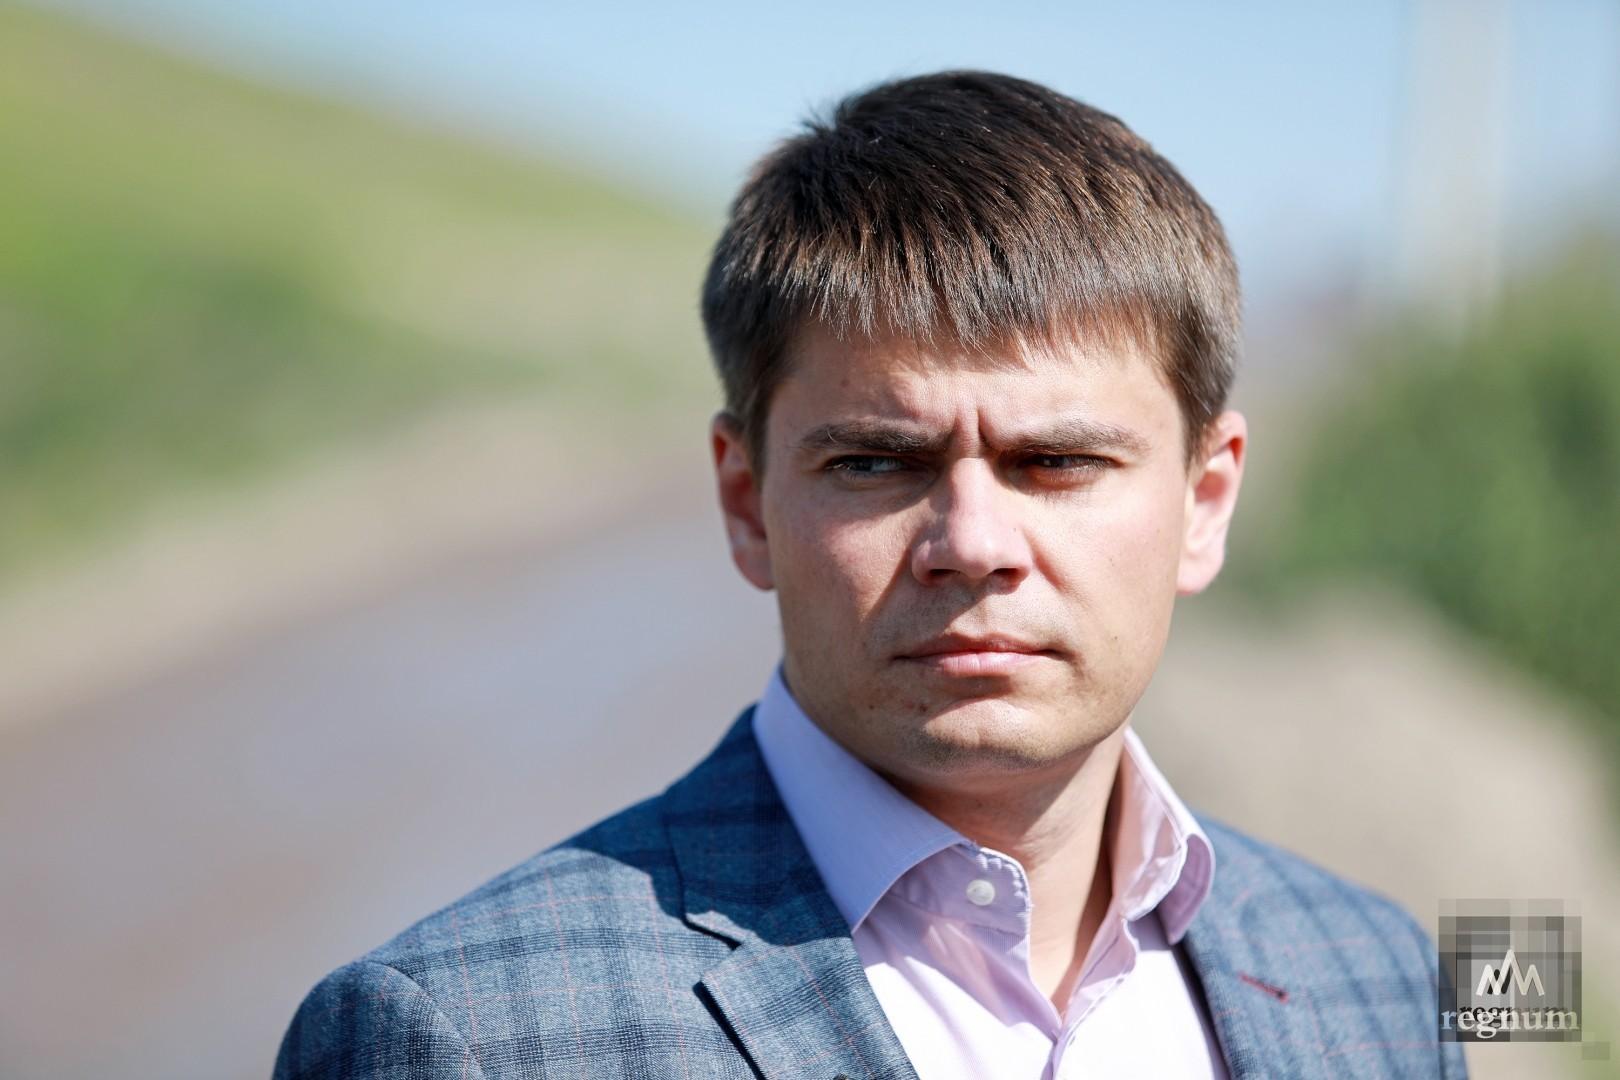 Депутат Боярский ждет объяснений от властей Петербурга после концерта Басты